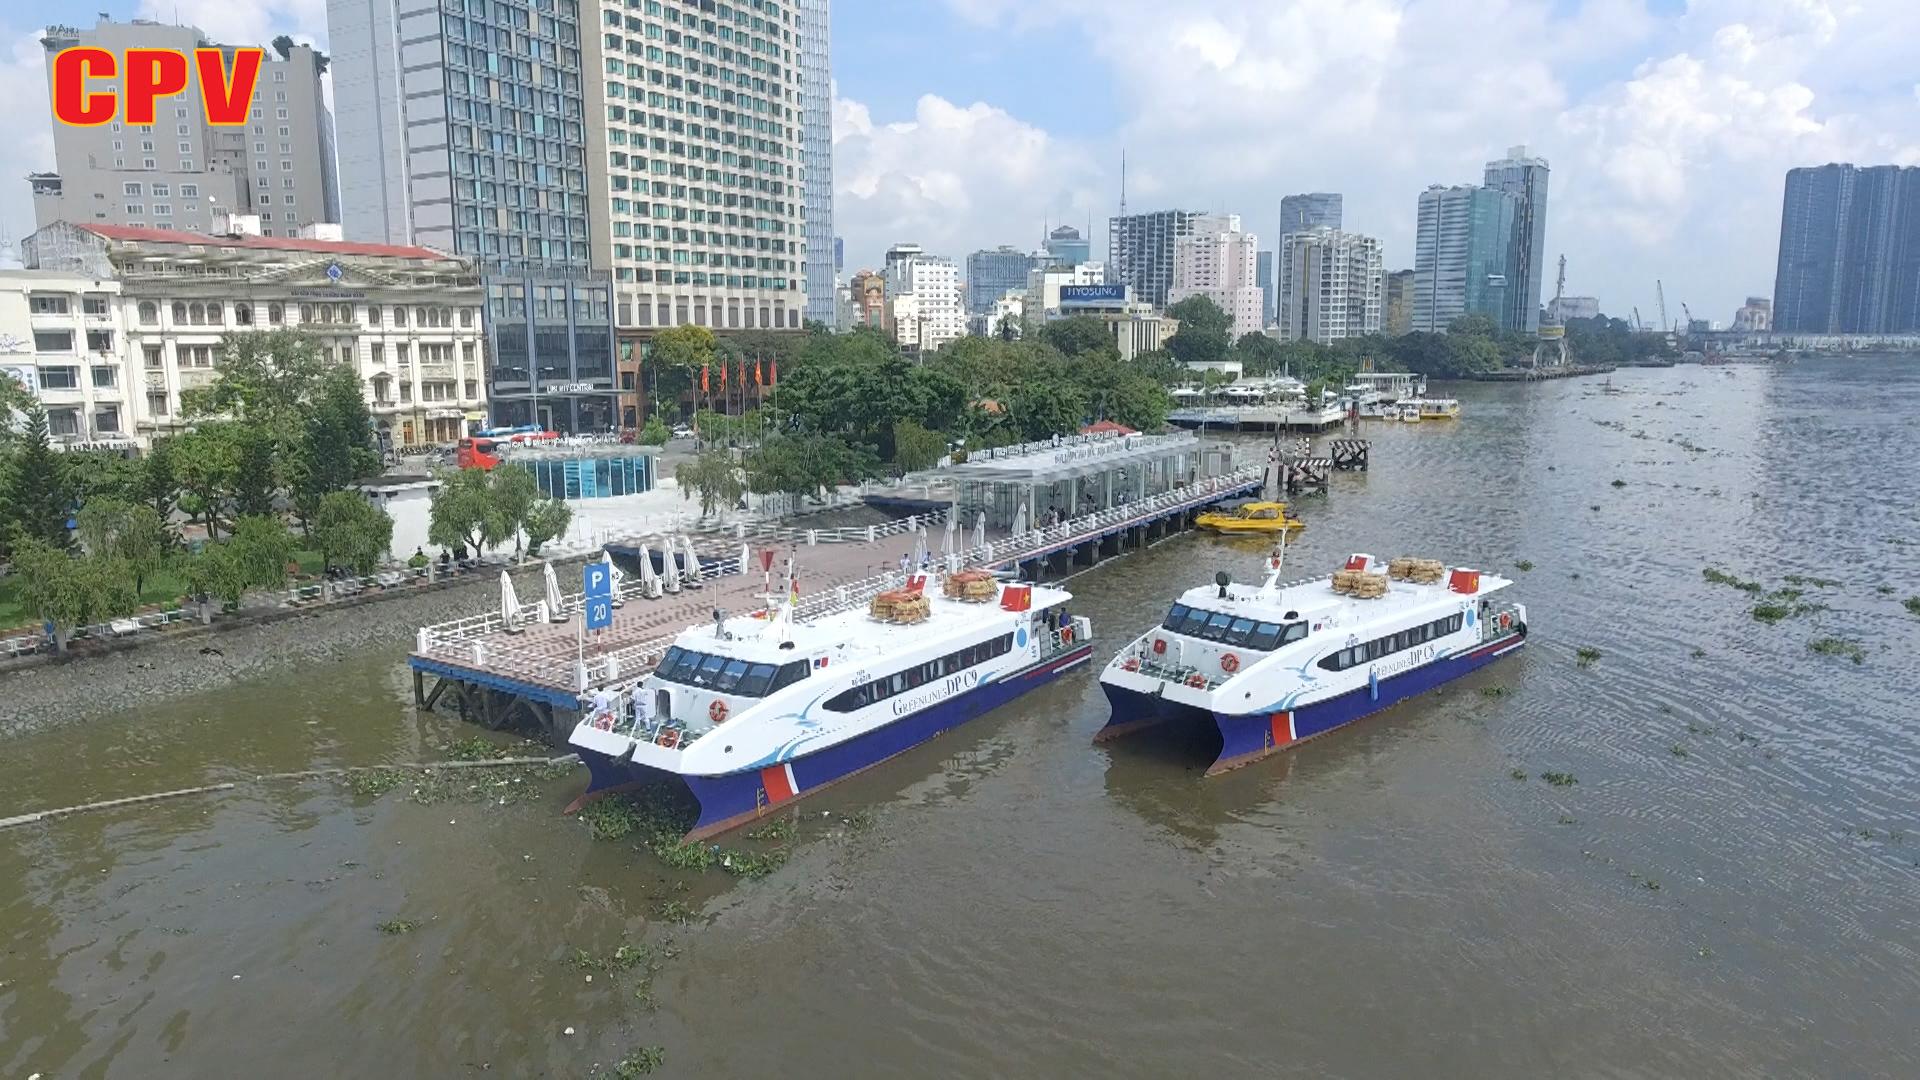 Khai trương tuyến du lịch đường thủy Bến Bạch Đằng – Củ Chi – Bình Dương